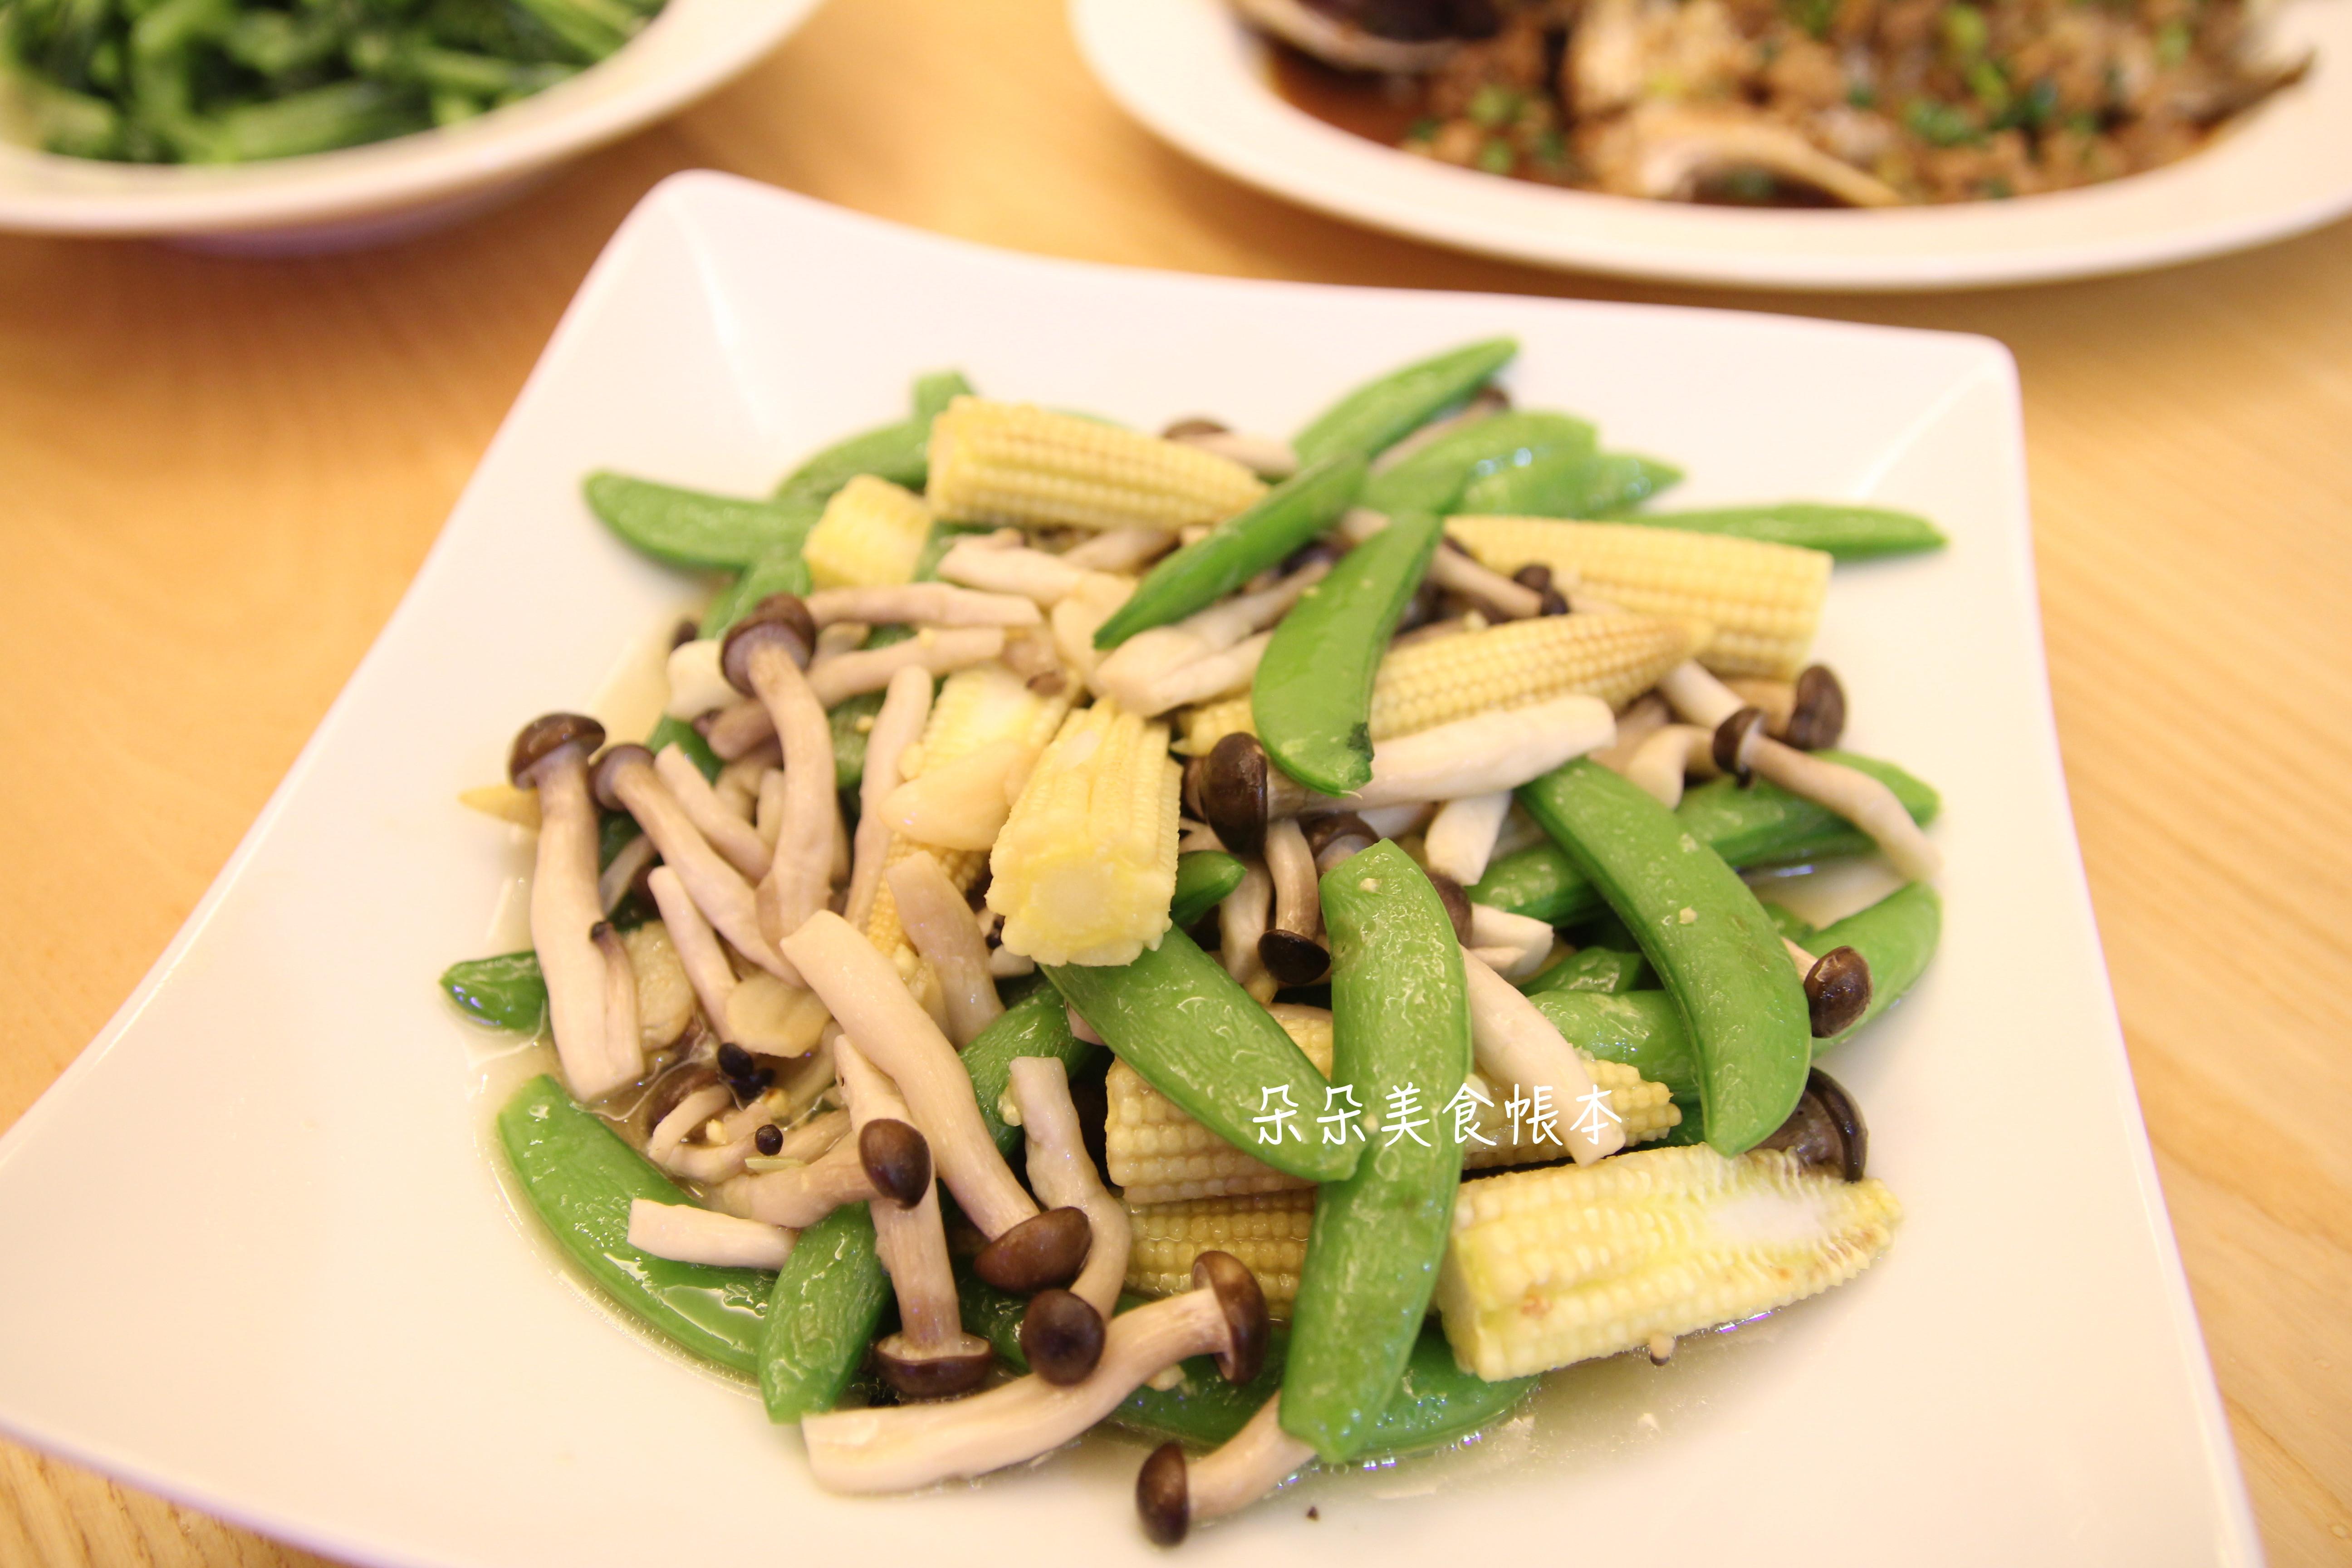 鴻禧菇炒甜豆